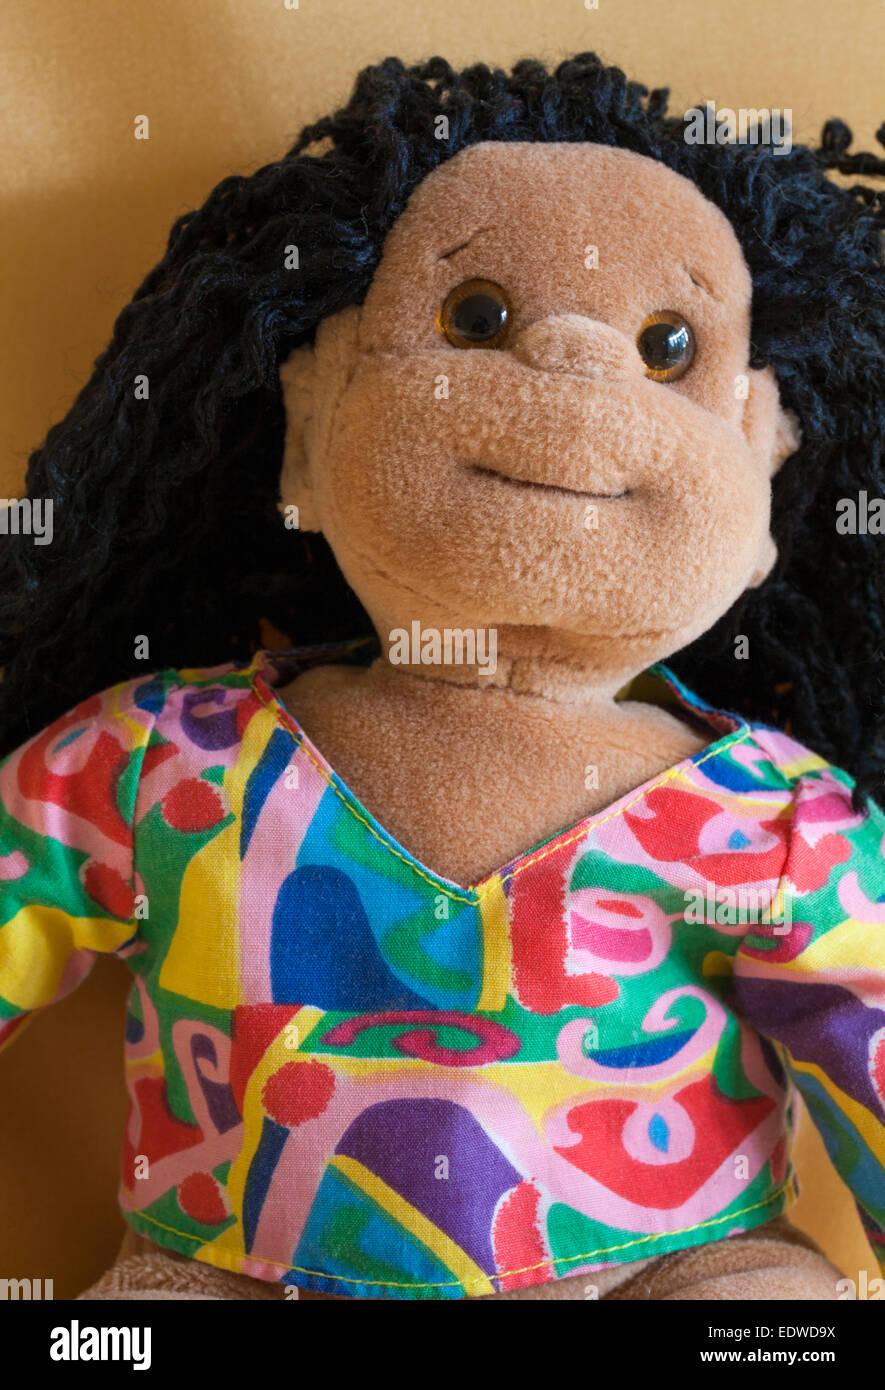 Ty Beanie Kids Calypso doll soft cuddly toy - Stock Image